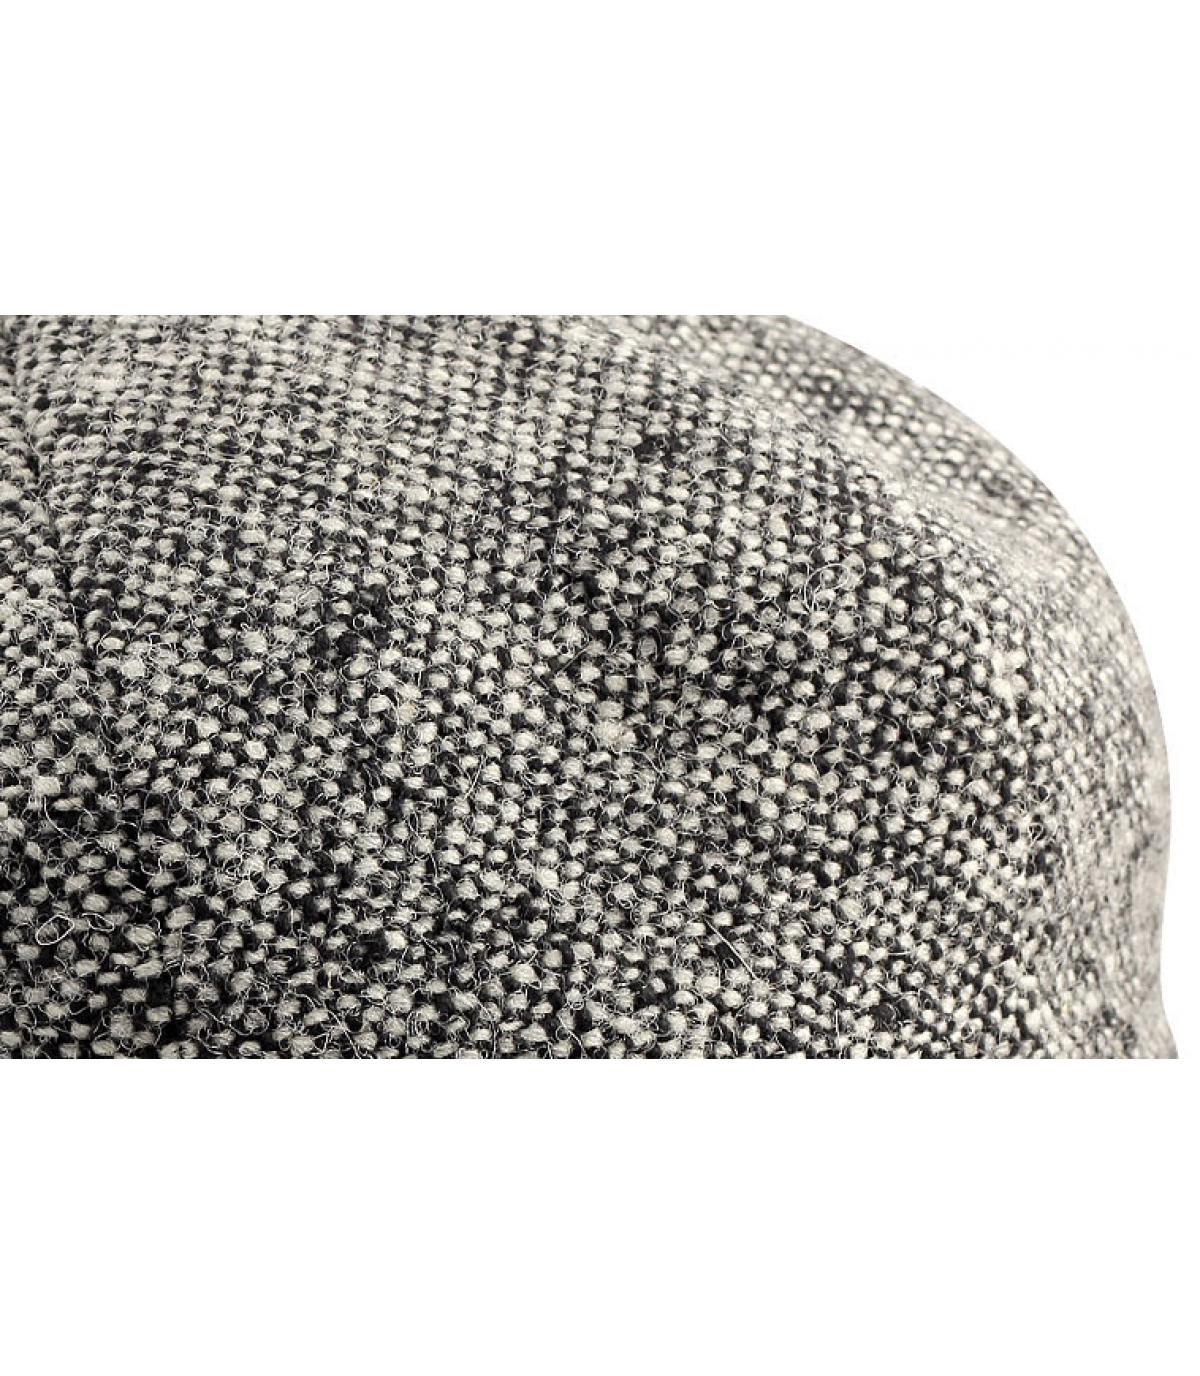 Détails Hatteras Donegal gris - image 2